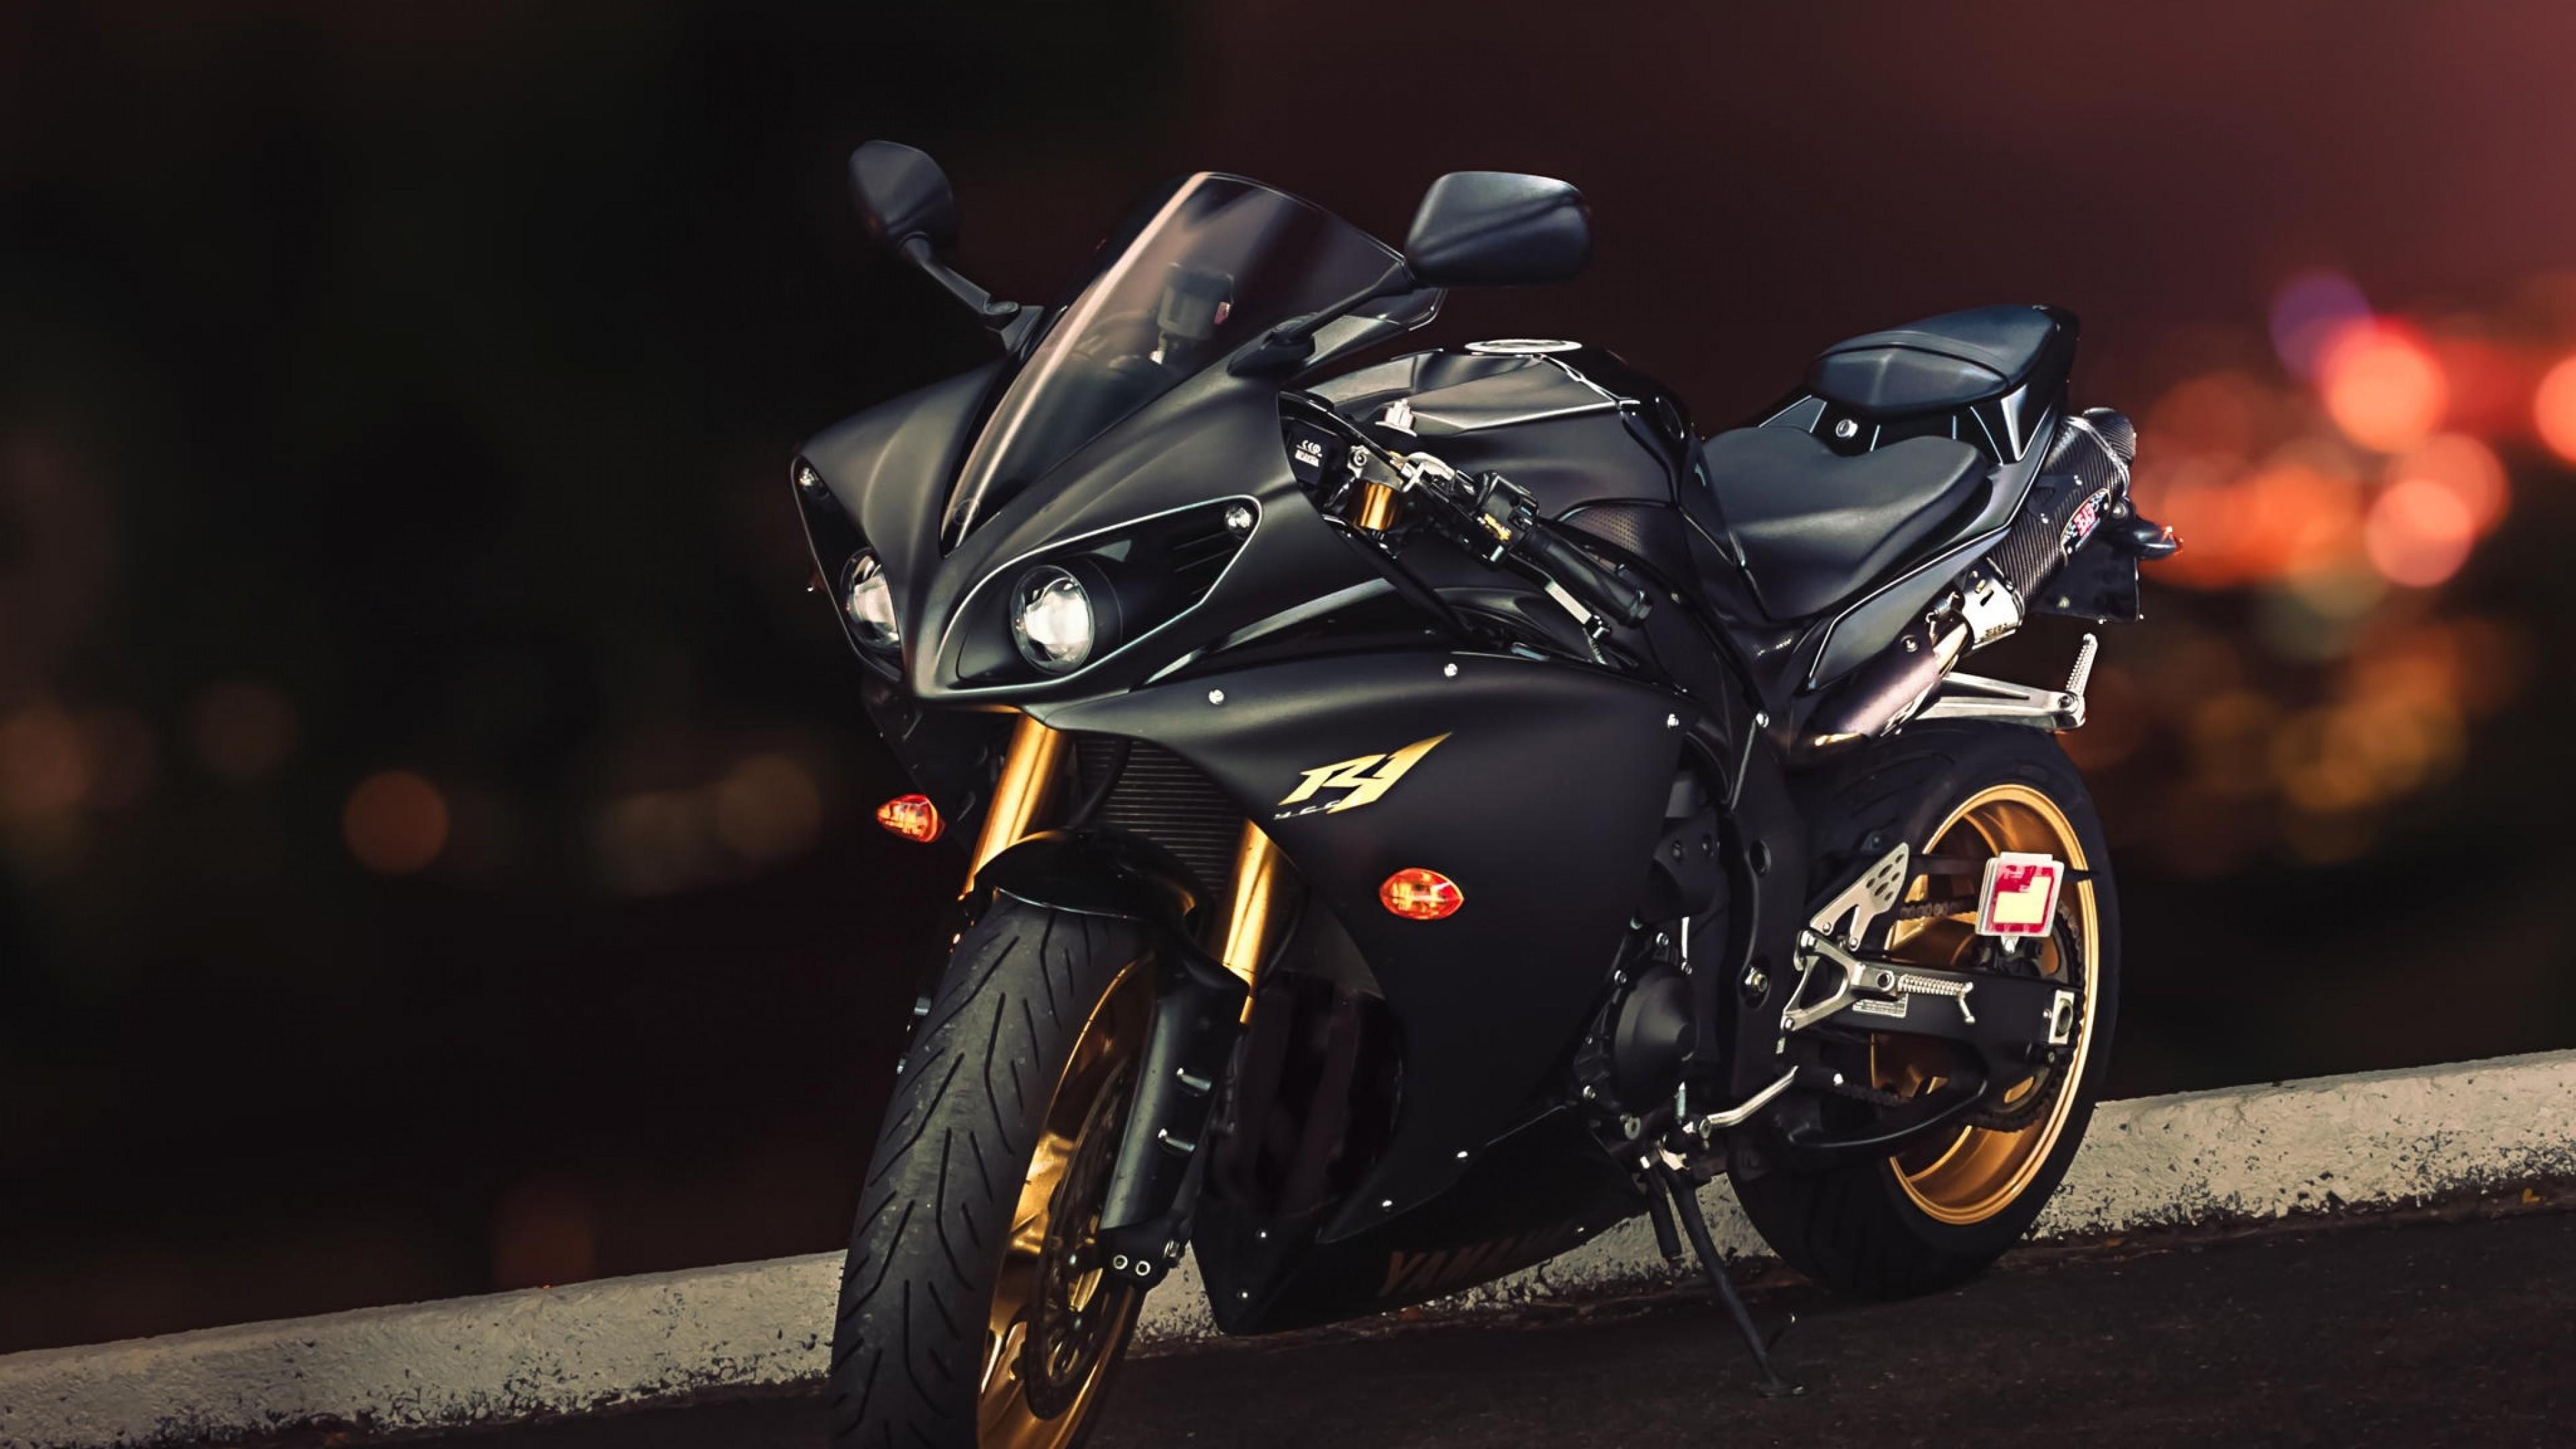 Res: 3840x2160, Yamaha R1